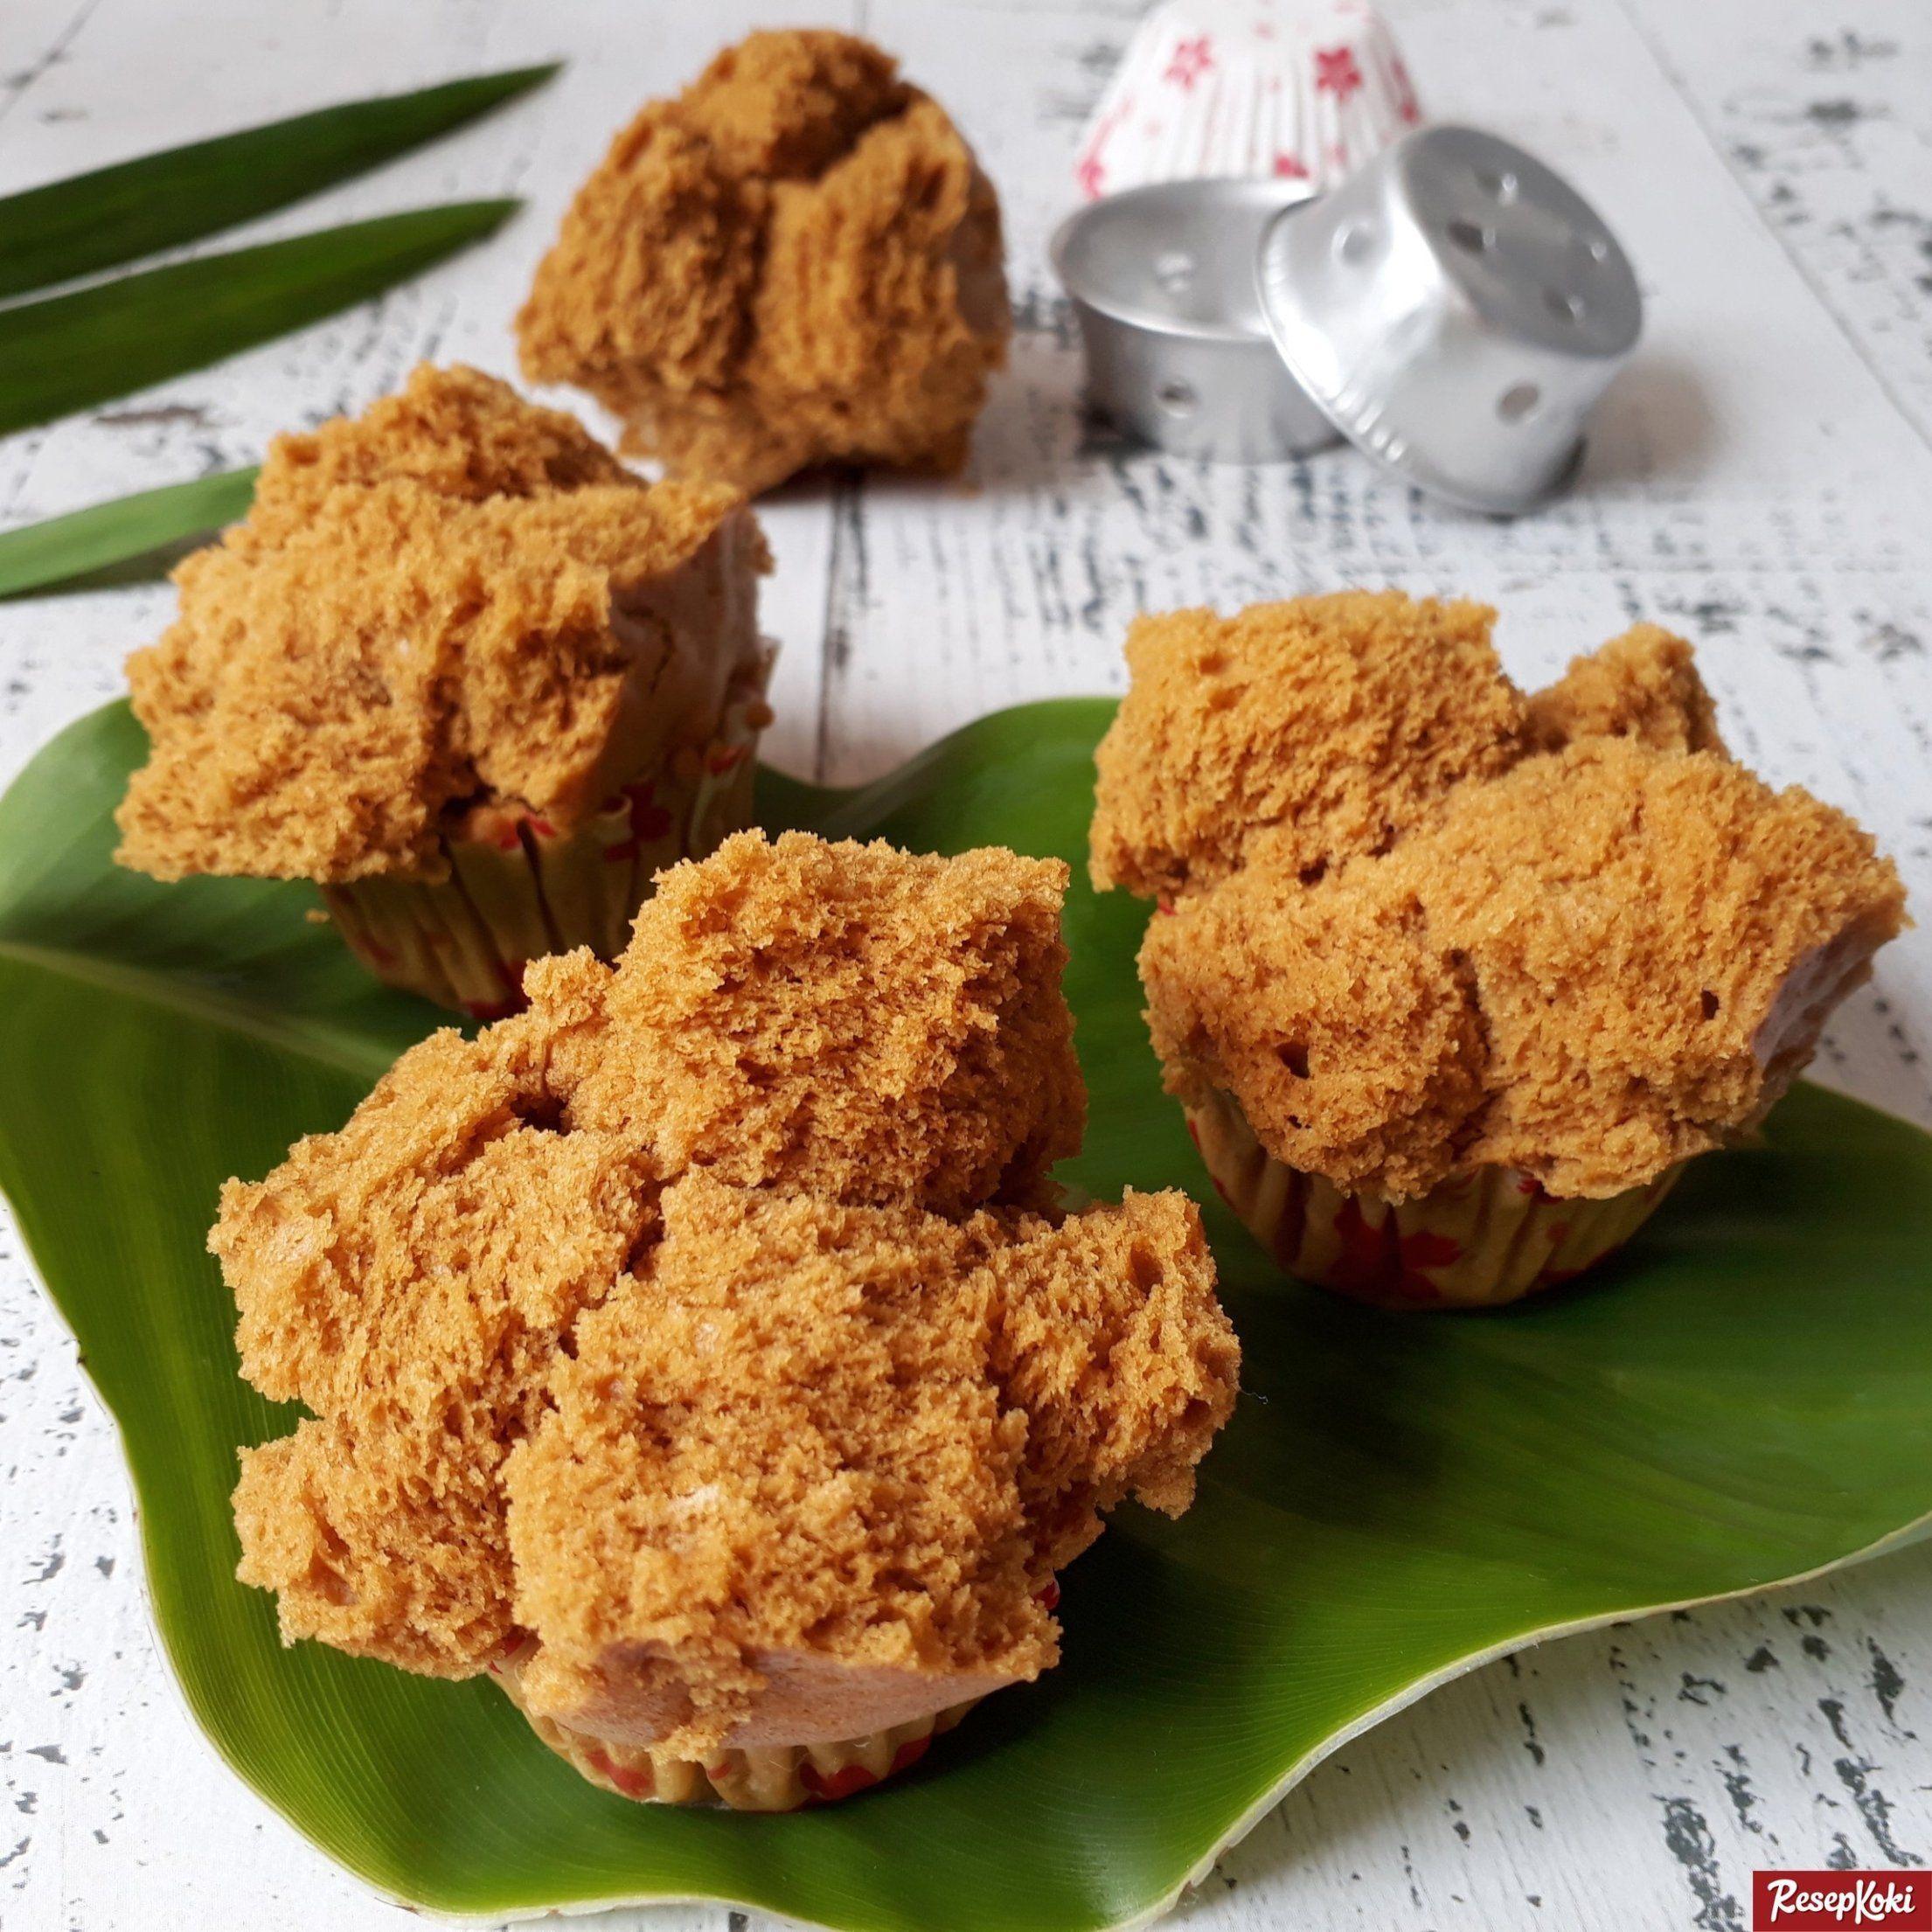 Bolu Kukus Gula Merah Mekar Merekah Dan Lembut Resep Resepkoki Resep Resep Resep Kue Mangkok Makanan Dan Minuman